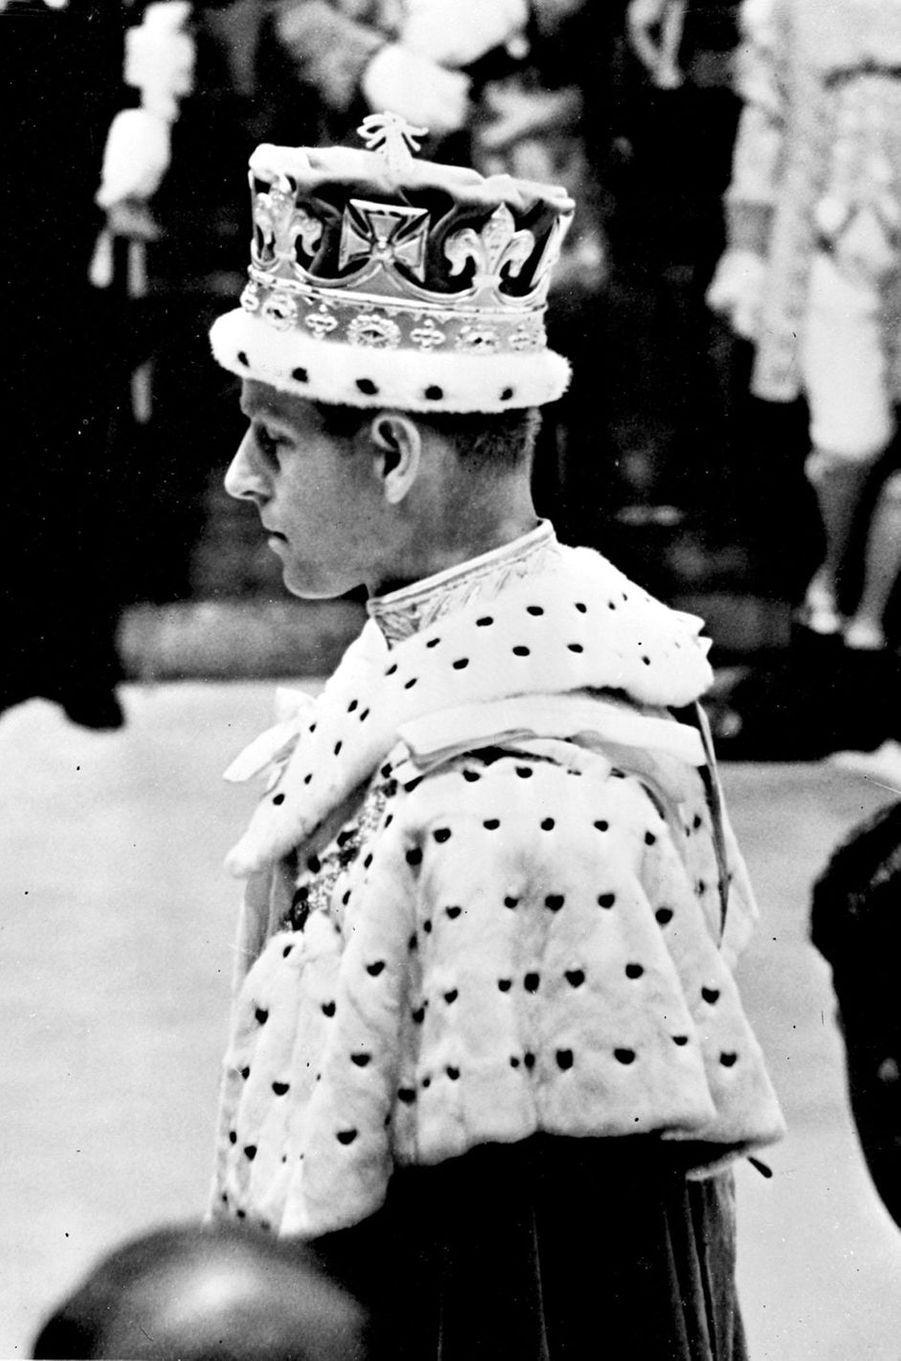 Le prince Philip, le 2 juin 1953 lors du sacre de la reine Elizabeth II